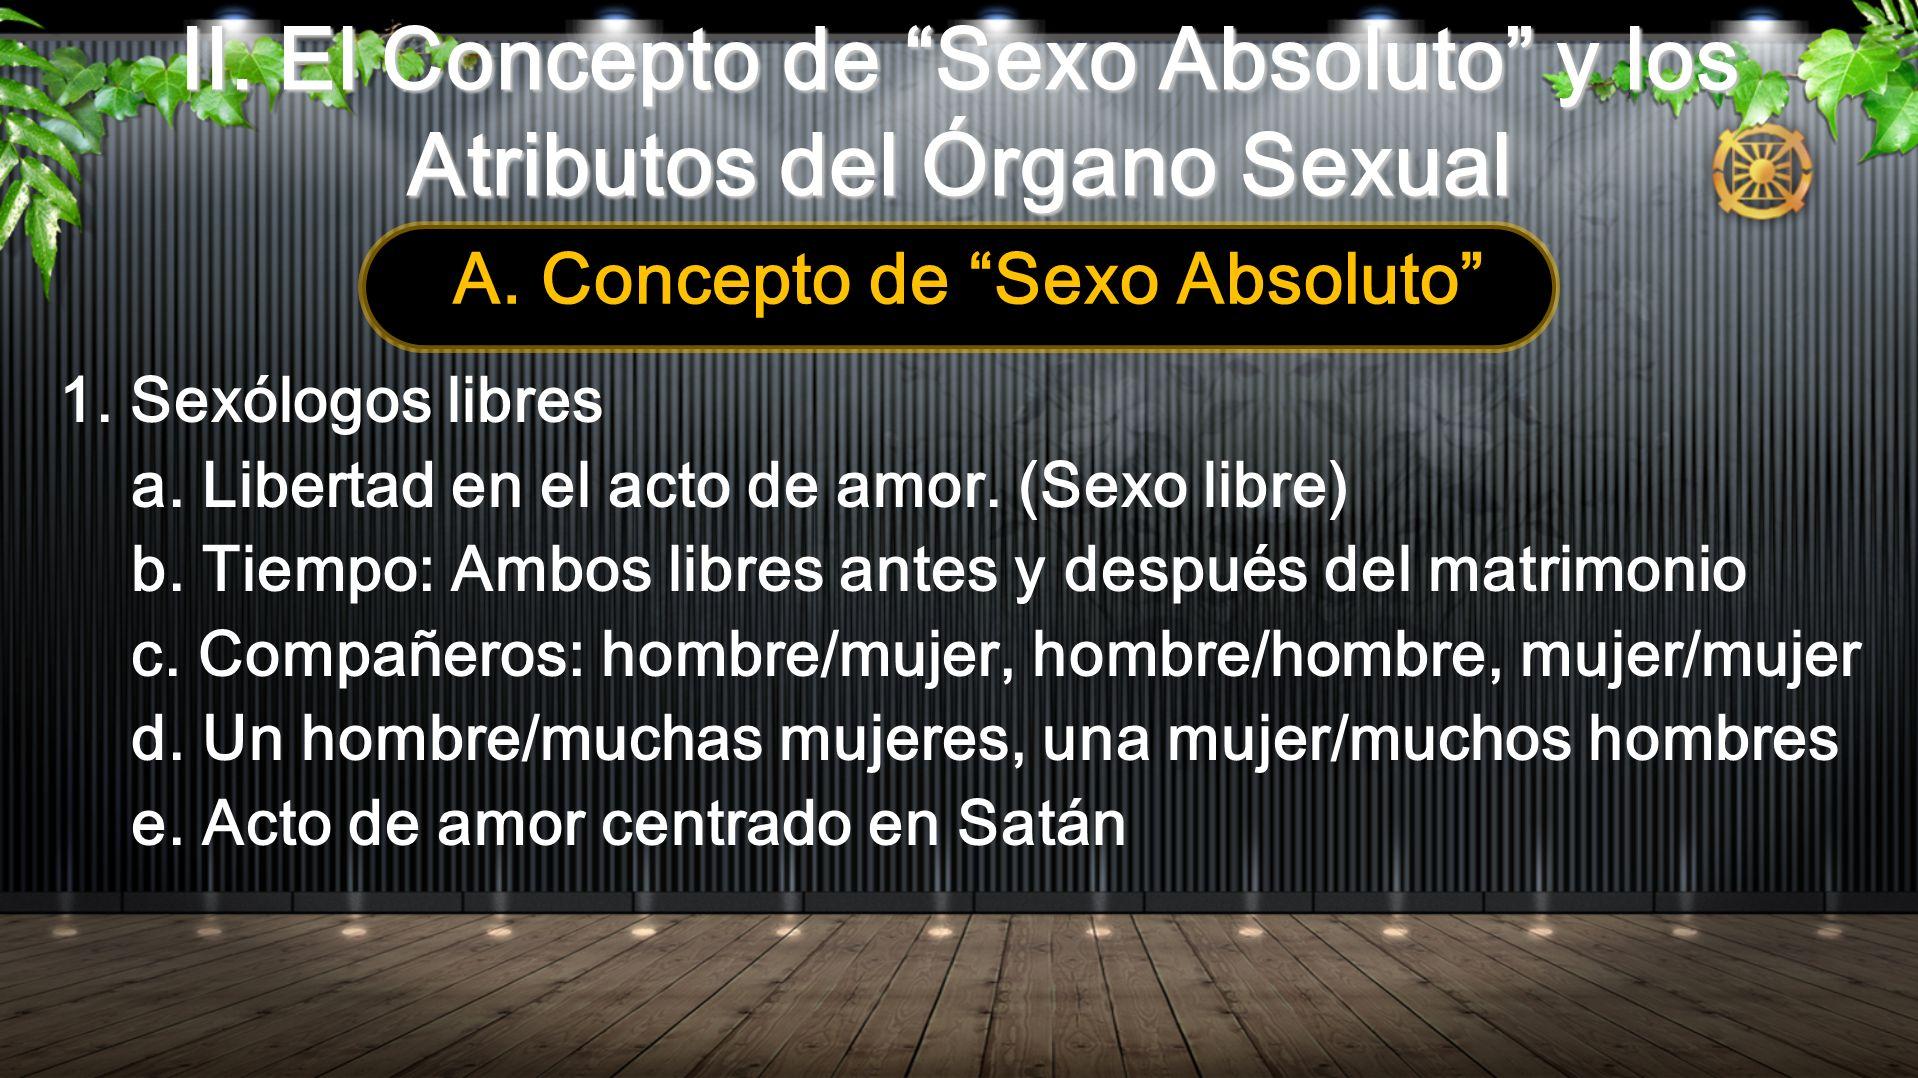 II. El Concepto de Sexo Absoluto y los Atributos del Órgano Sexual A. Concepto de Sexo Absoluto 1. Sexólogos libres a. Libertad en el acto de amor. (S